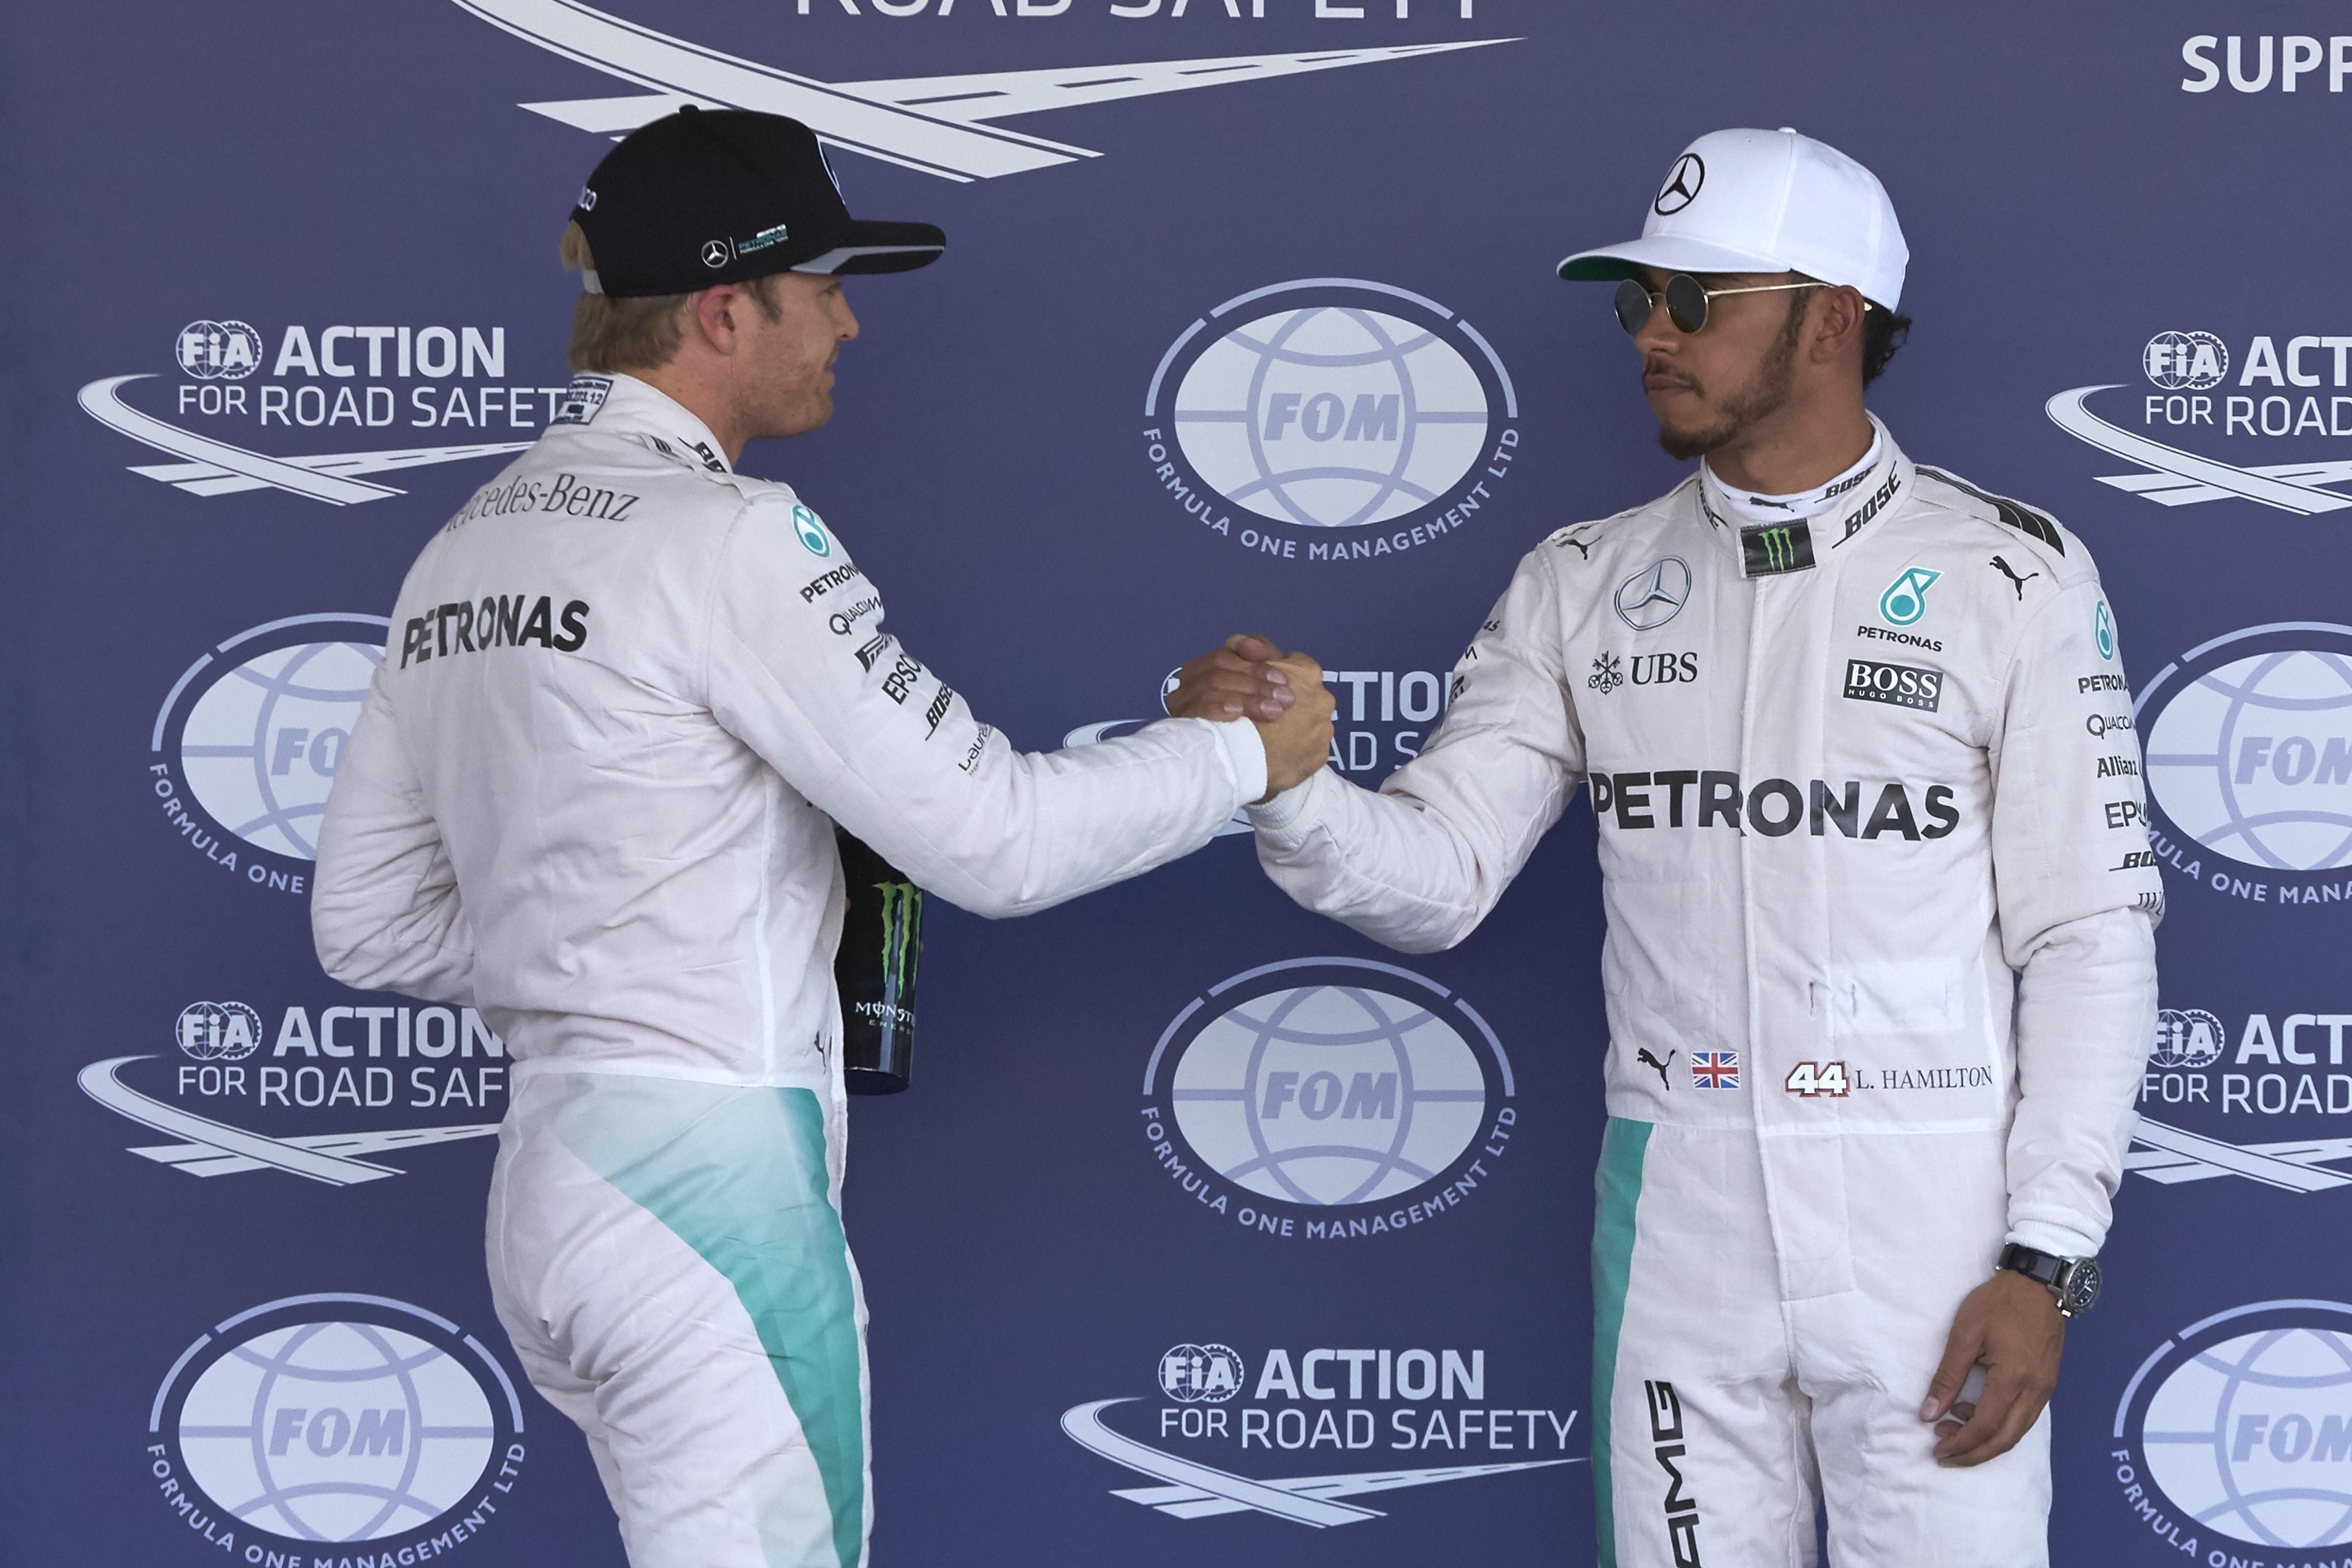 Nico Rosberg et Lewis Hamilton (Mercedes) au Grand Prix du Mexique 2016